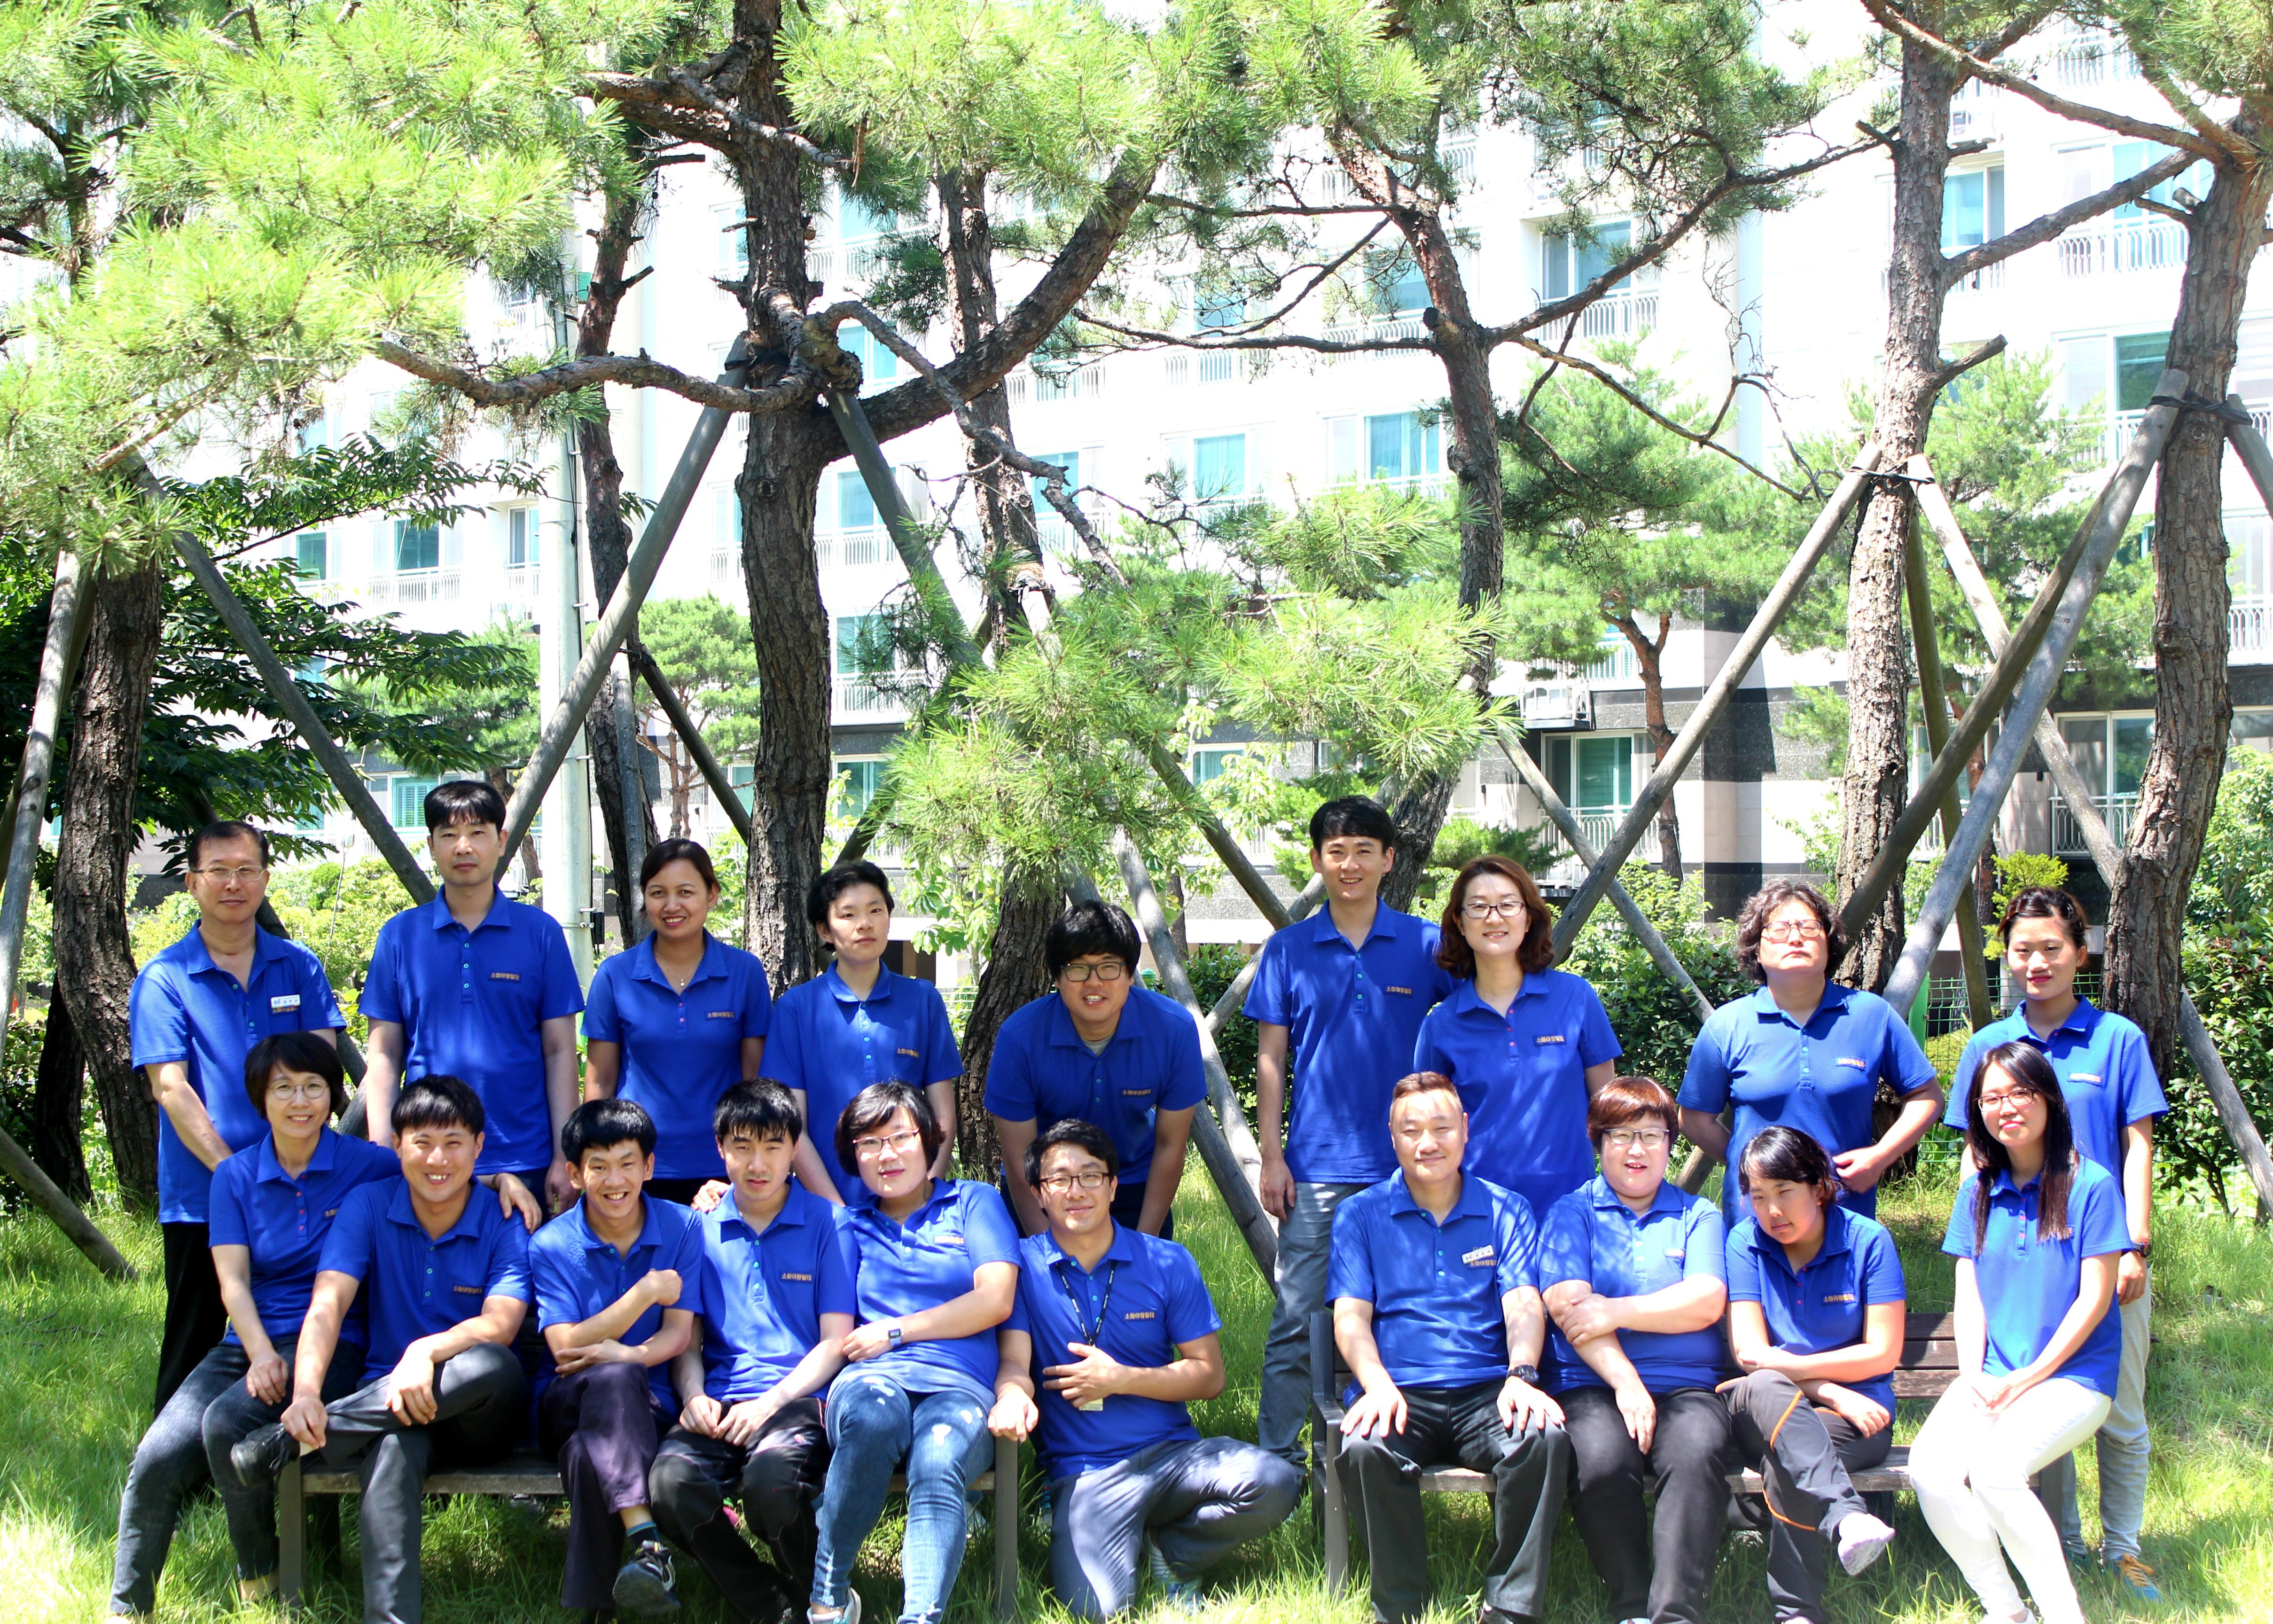 23_소화아람일터_사진